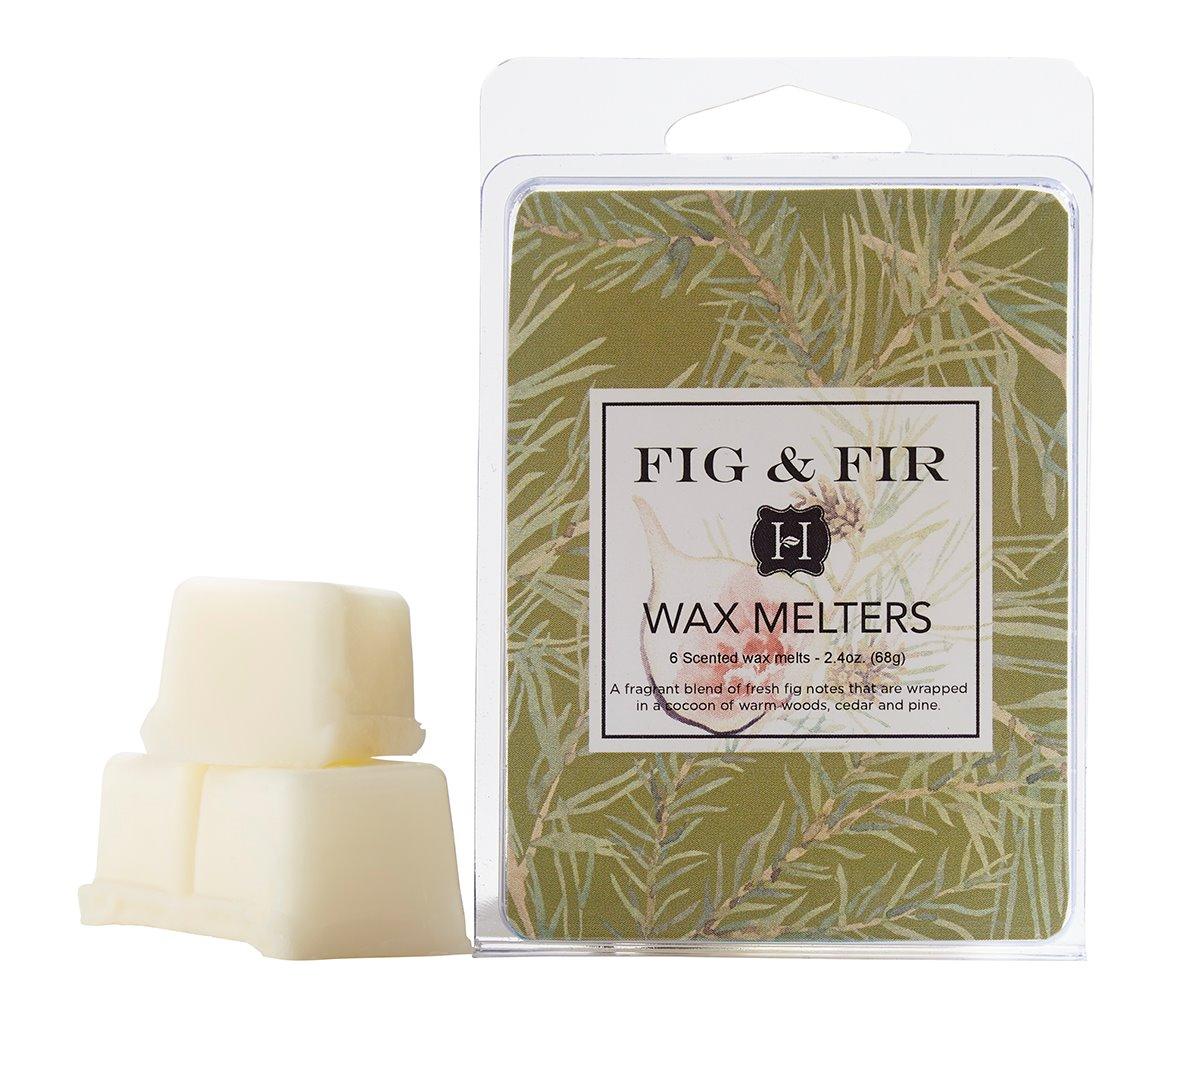 Fig & Fir Wax Melters 2.4 oz by Hillhouse Naturals